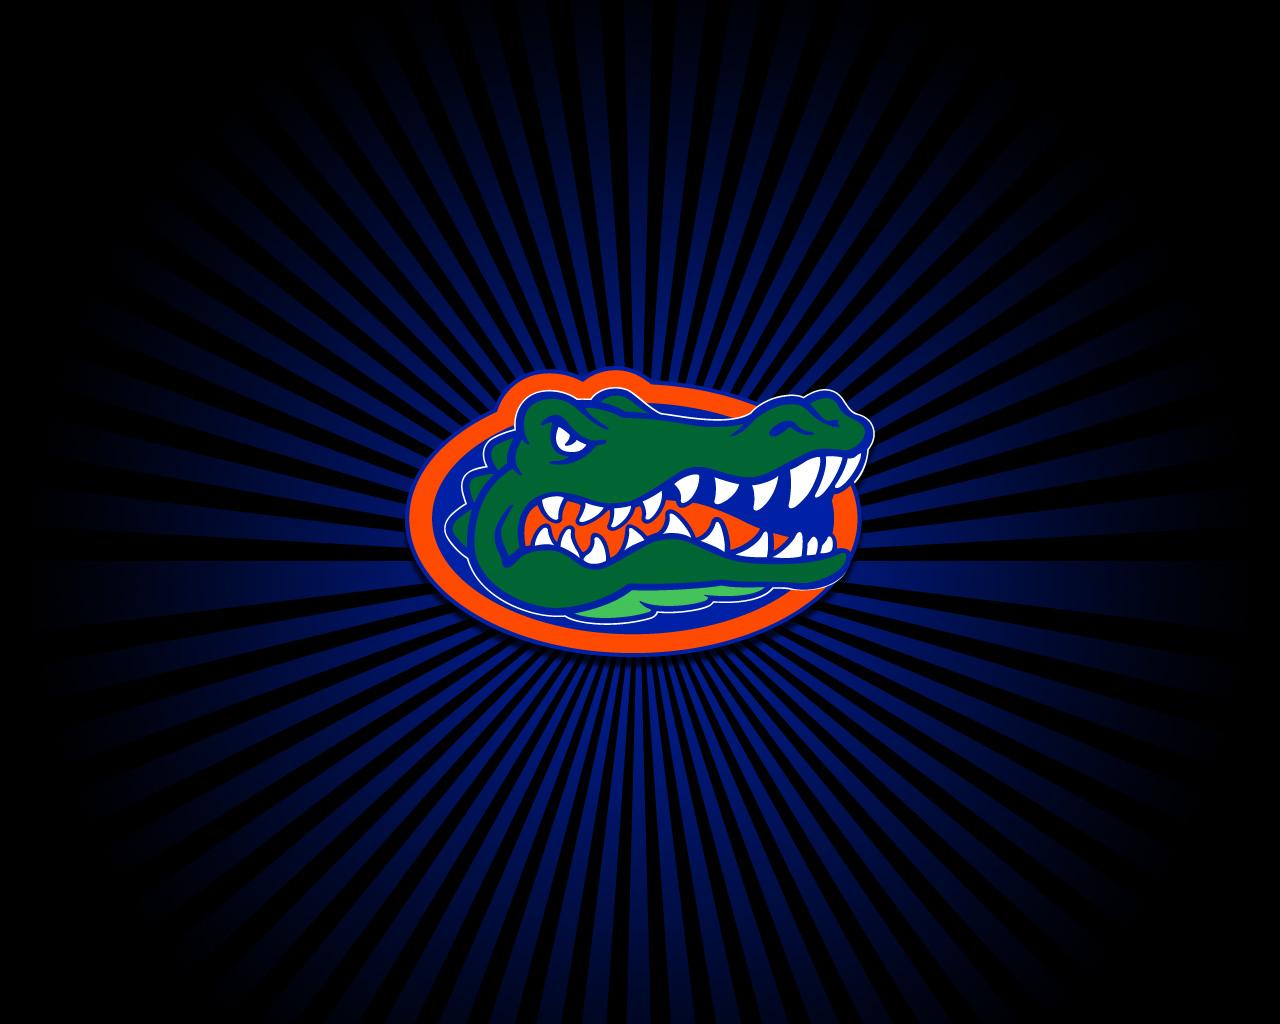 Florida Gators Wallpaper 1280x1024